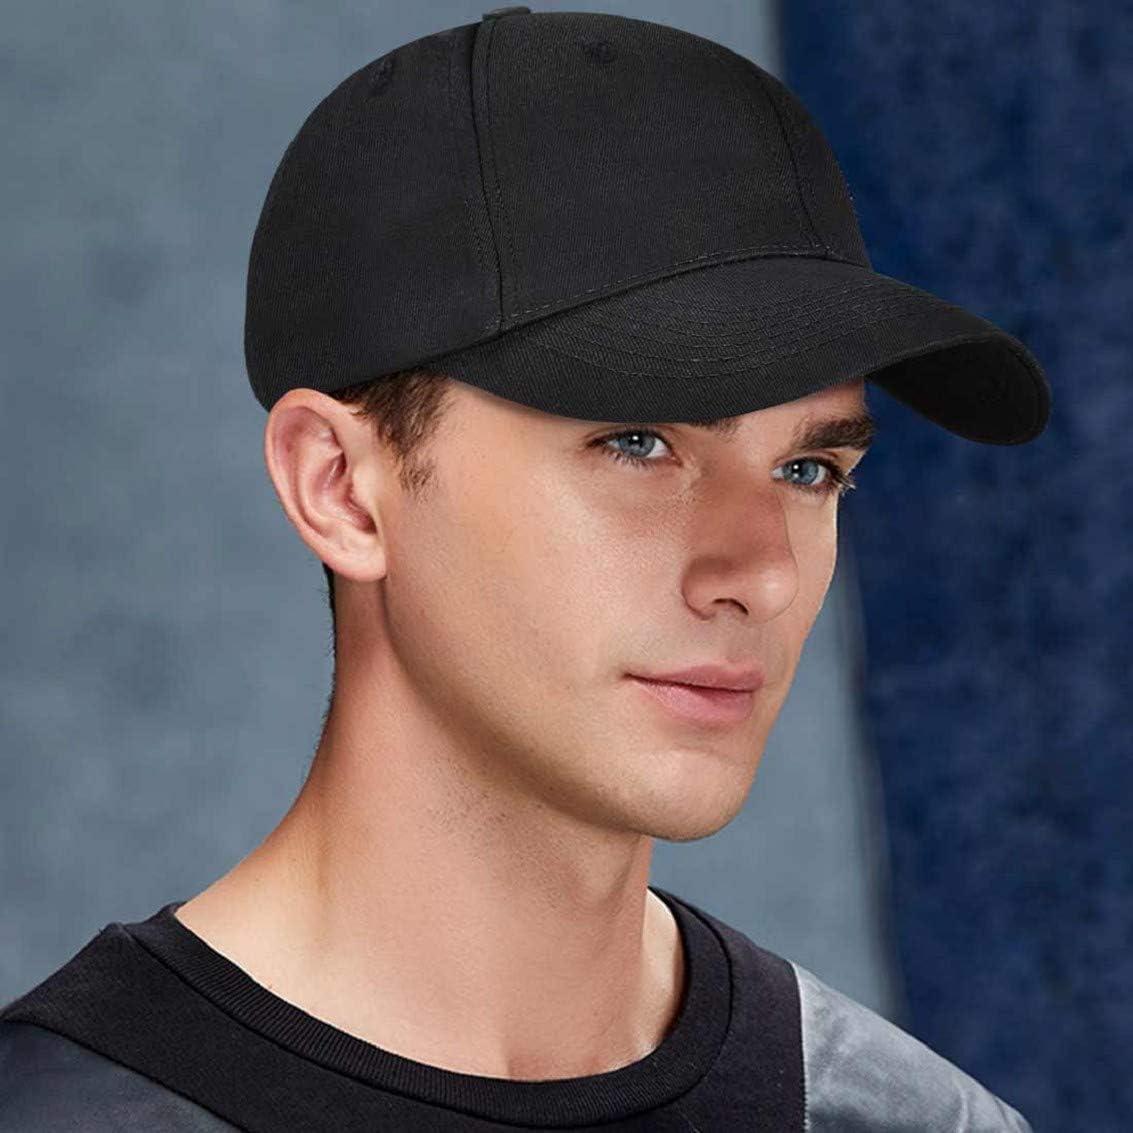 UMIPUBO Cappello Outdoor Unisex in Cotone Berretto Sportivo Berretto da Baseball Snapback Hip Hop cap Colore Puro Cappelli